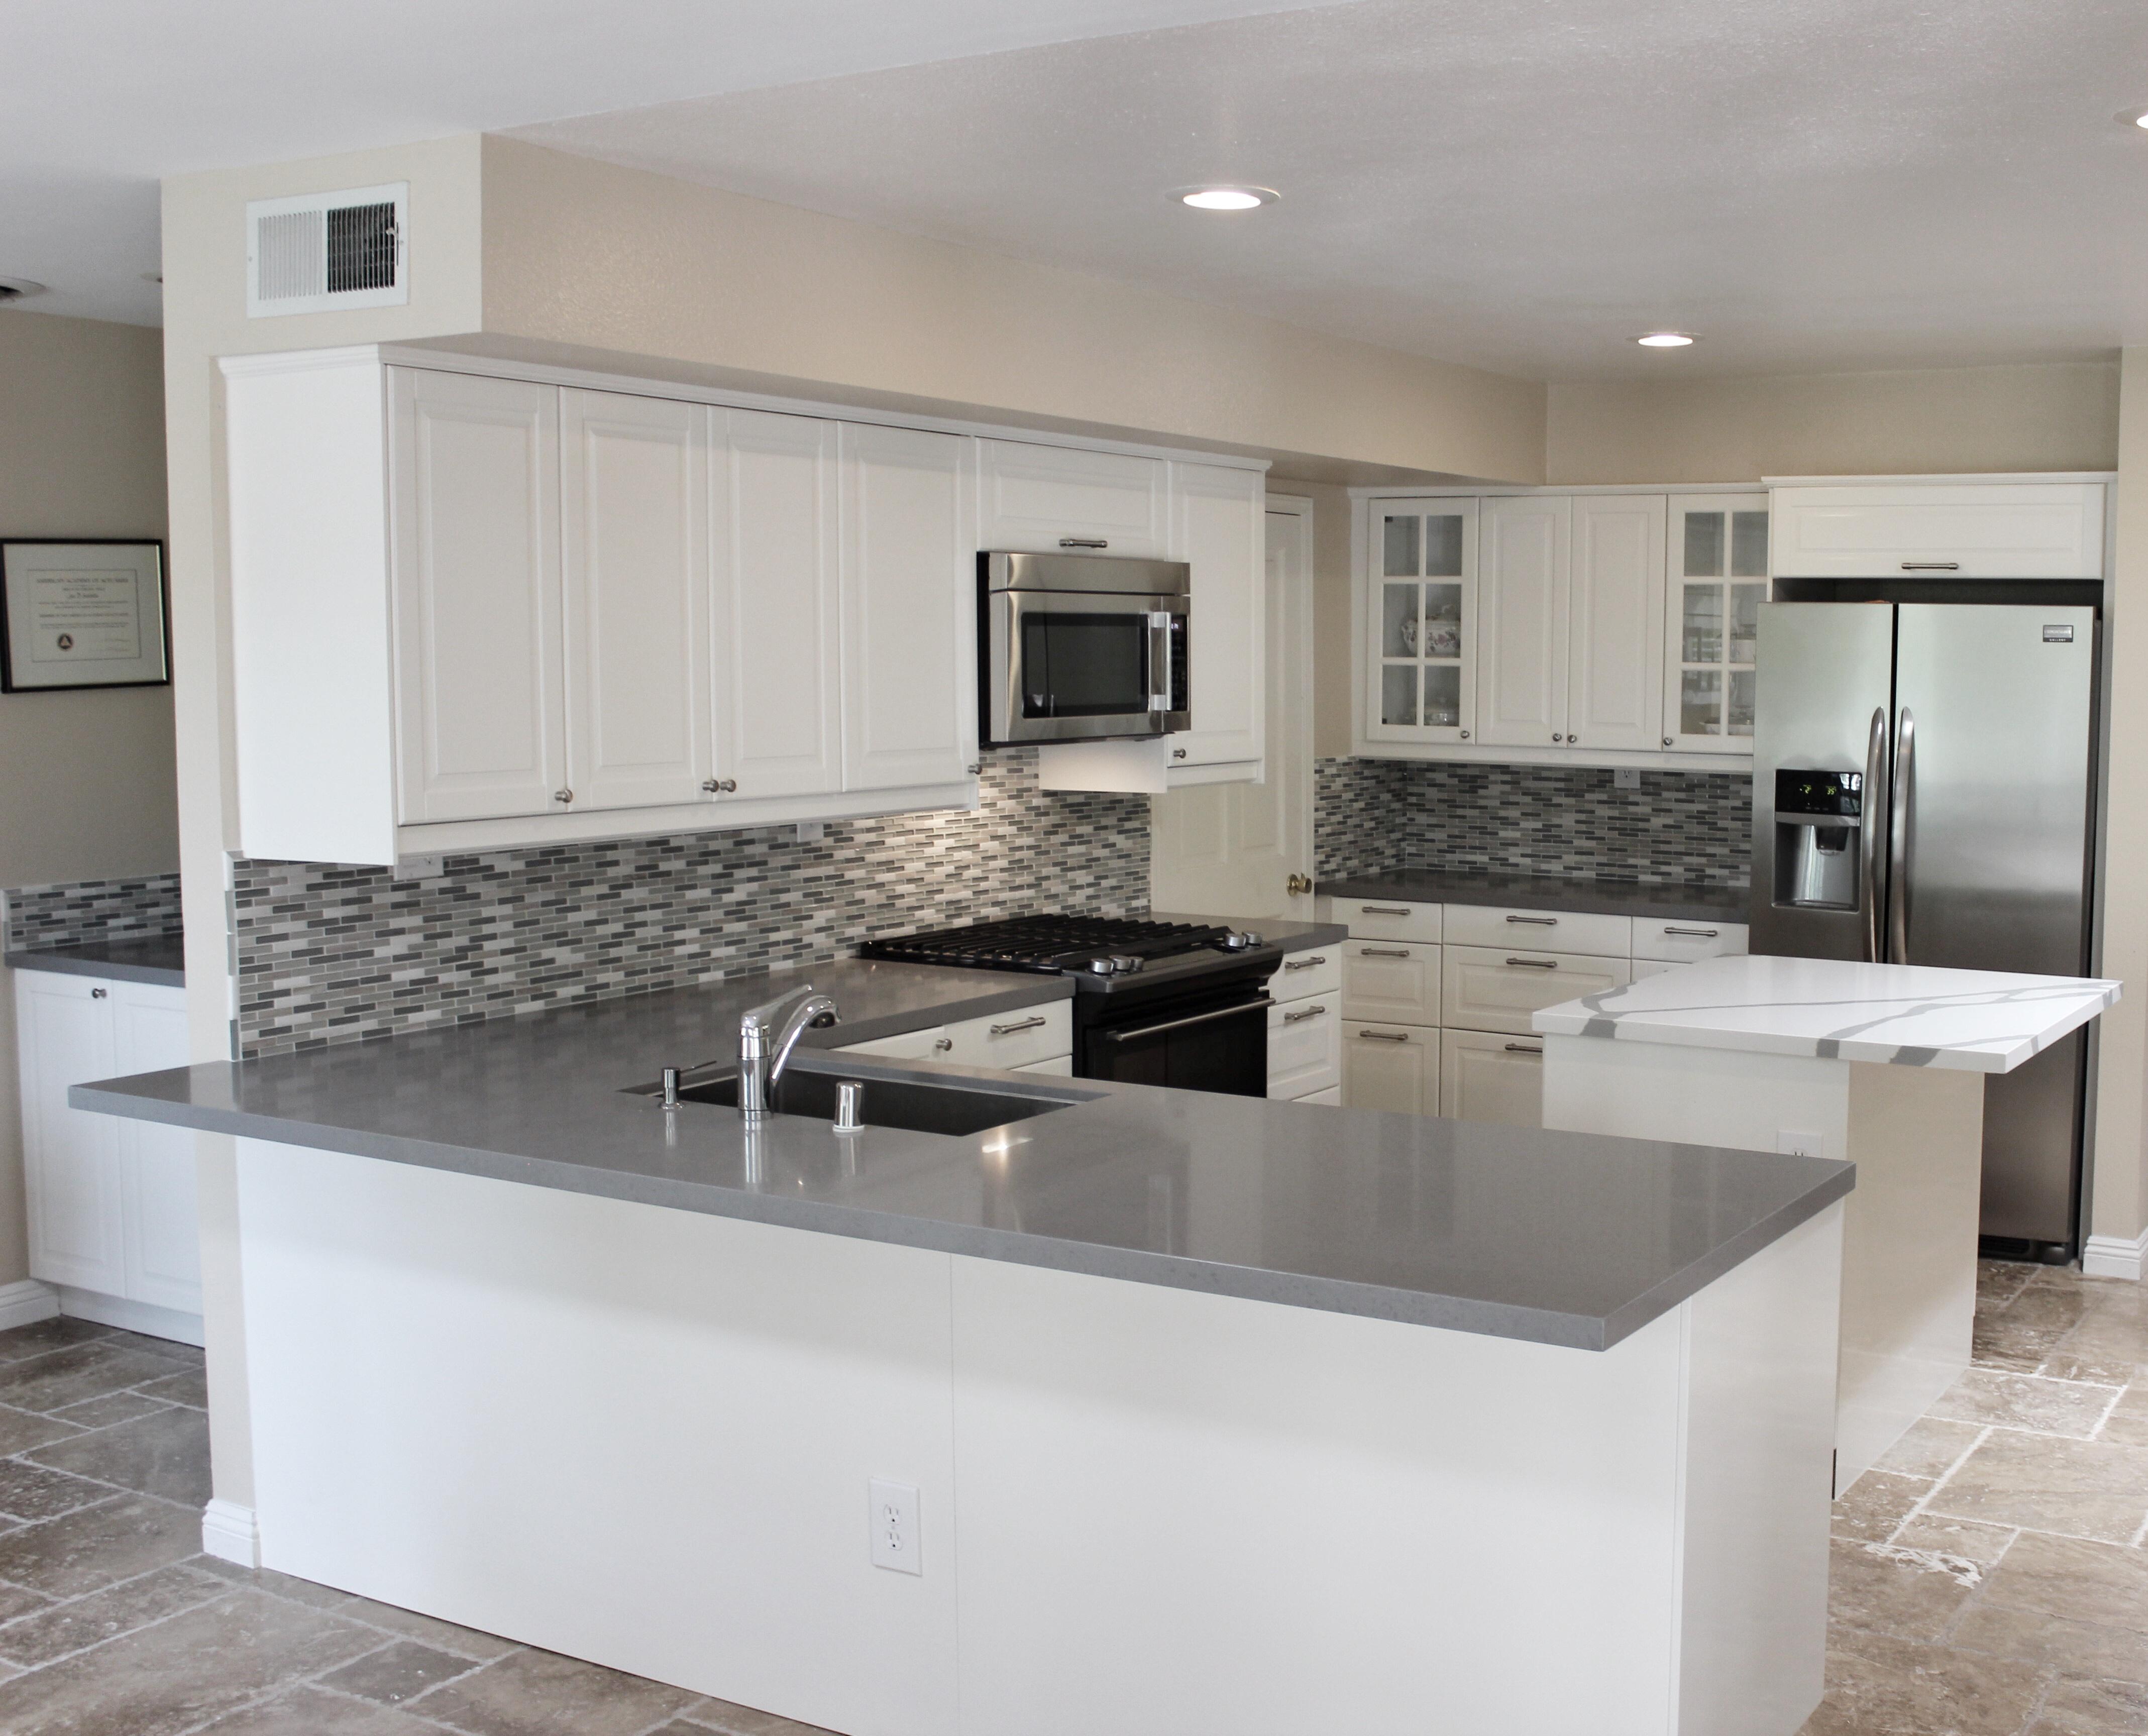 Ikea Kitchen Remodel Installation Services Dallas Tx Modern Kitchen Pros